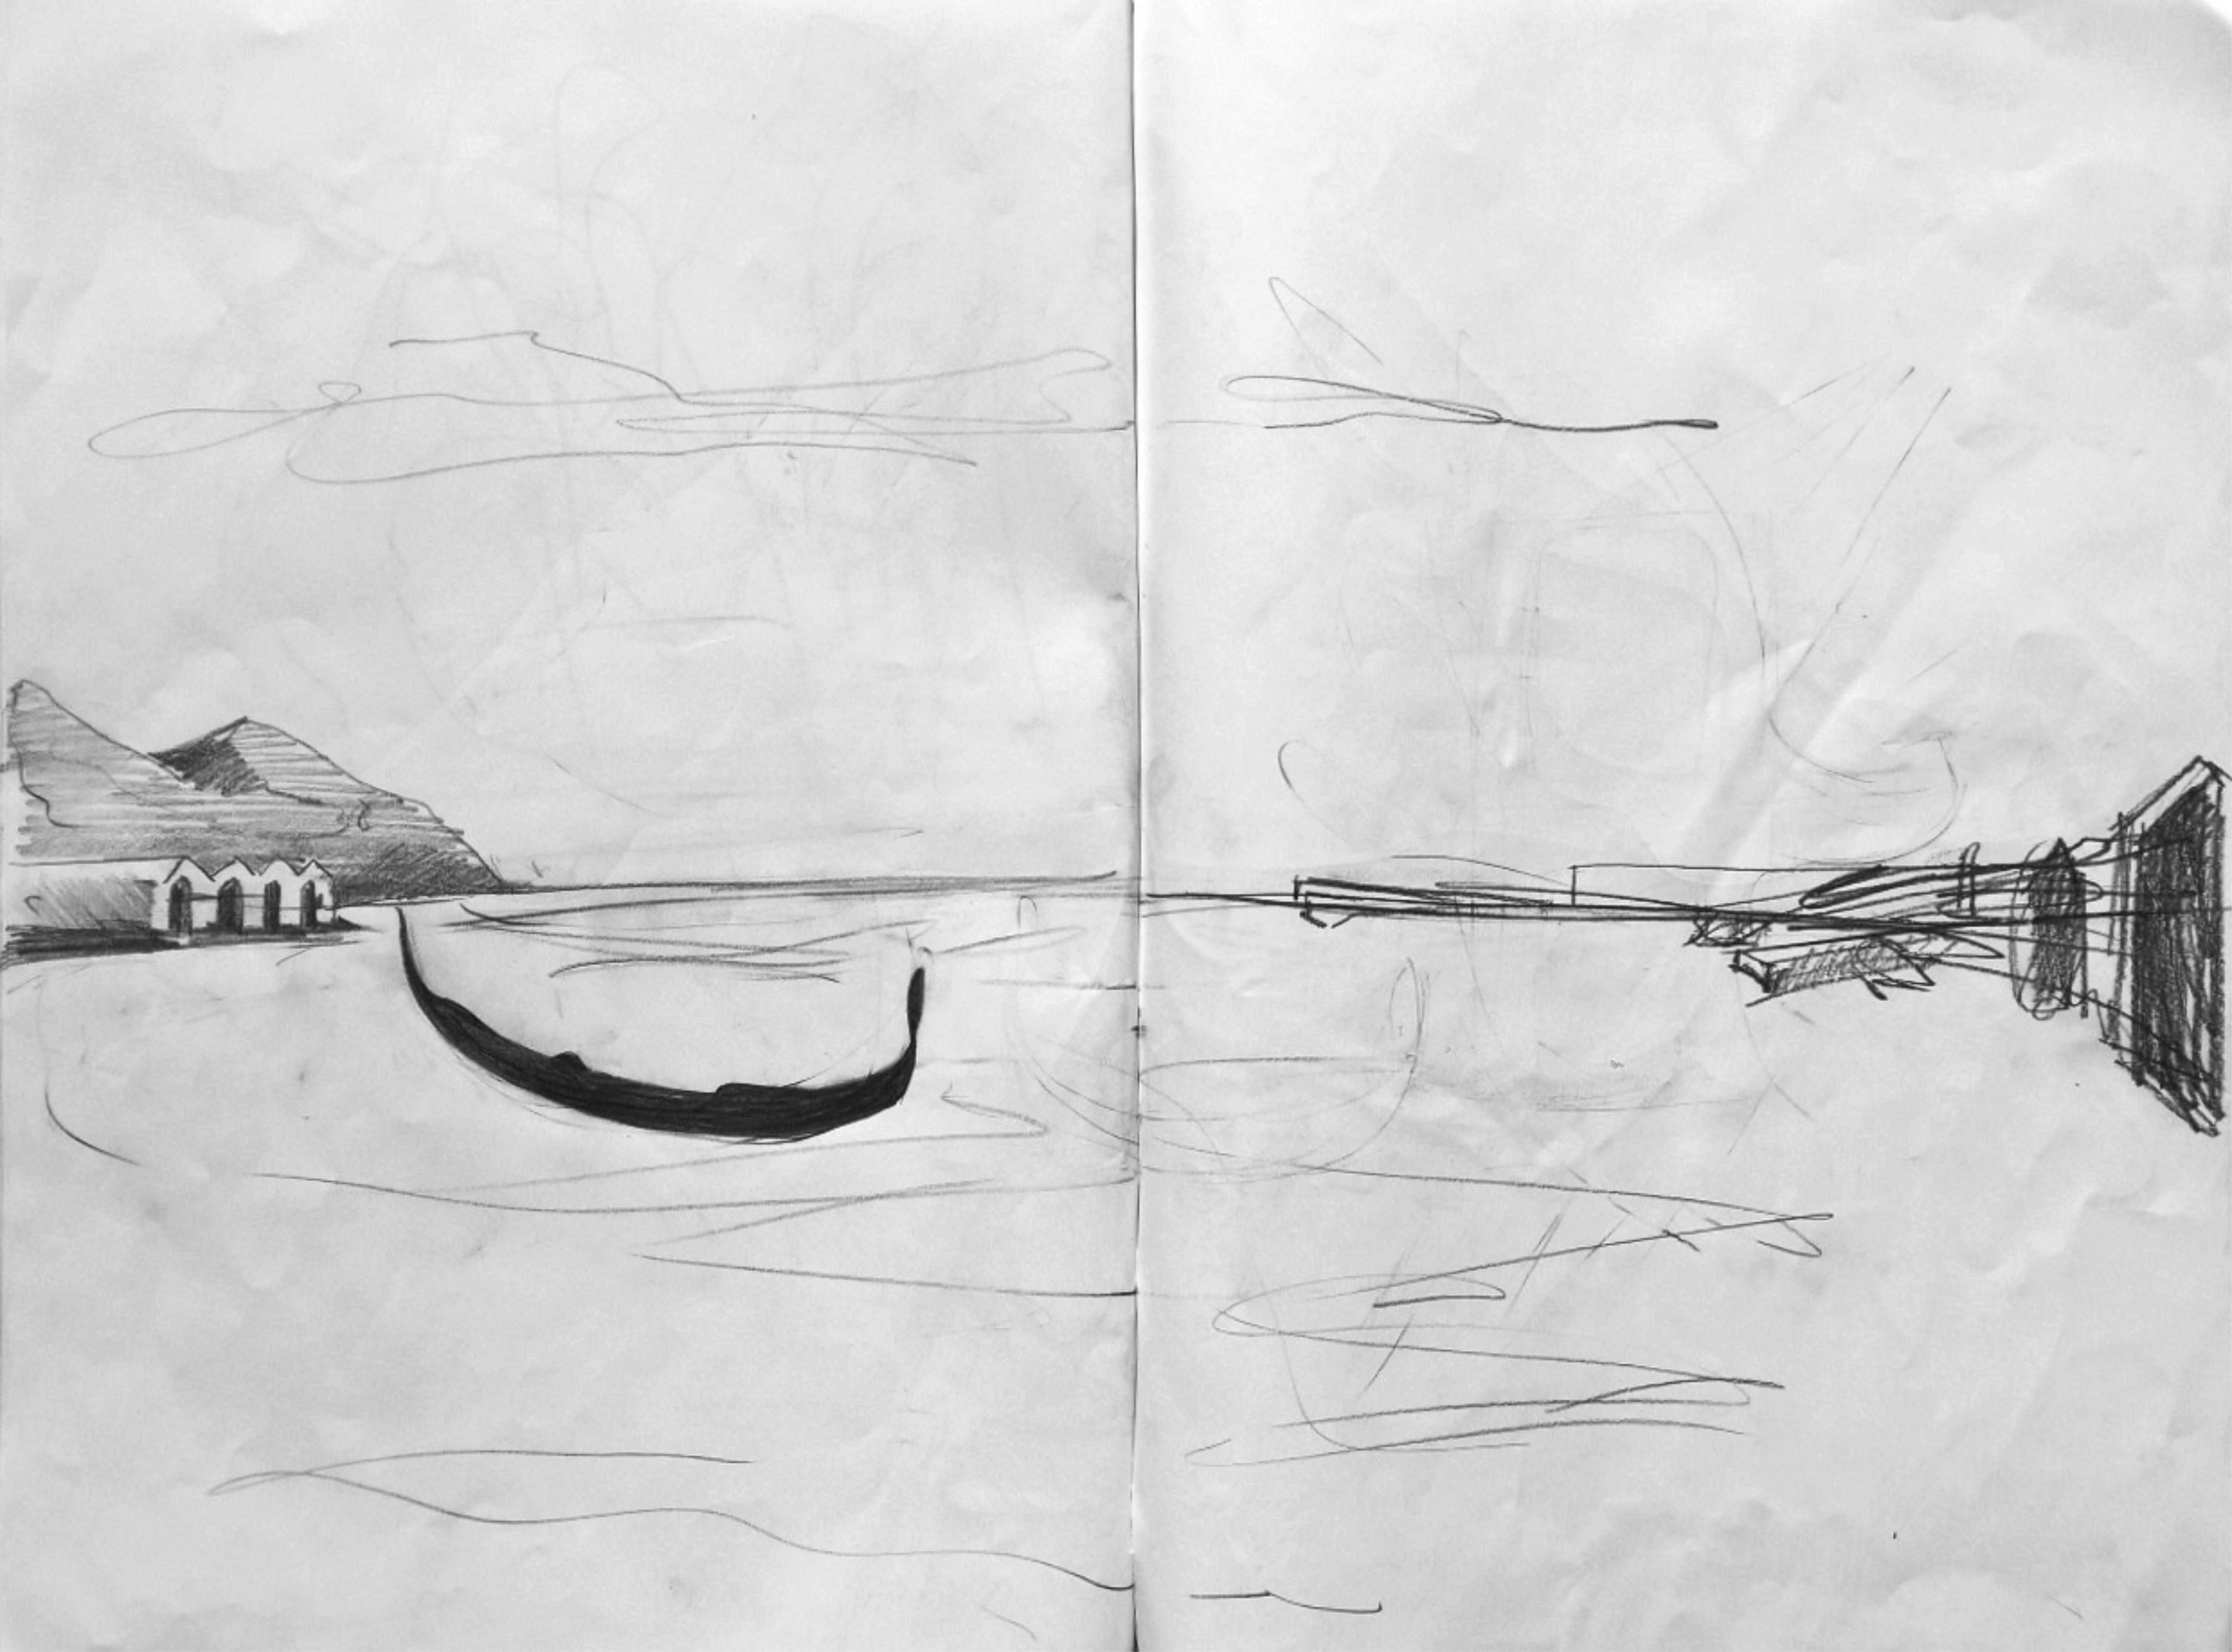 Storyboard per il varo IX, 2017, grafite su carta, cm 42x59,4